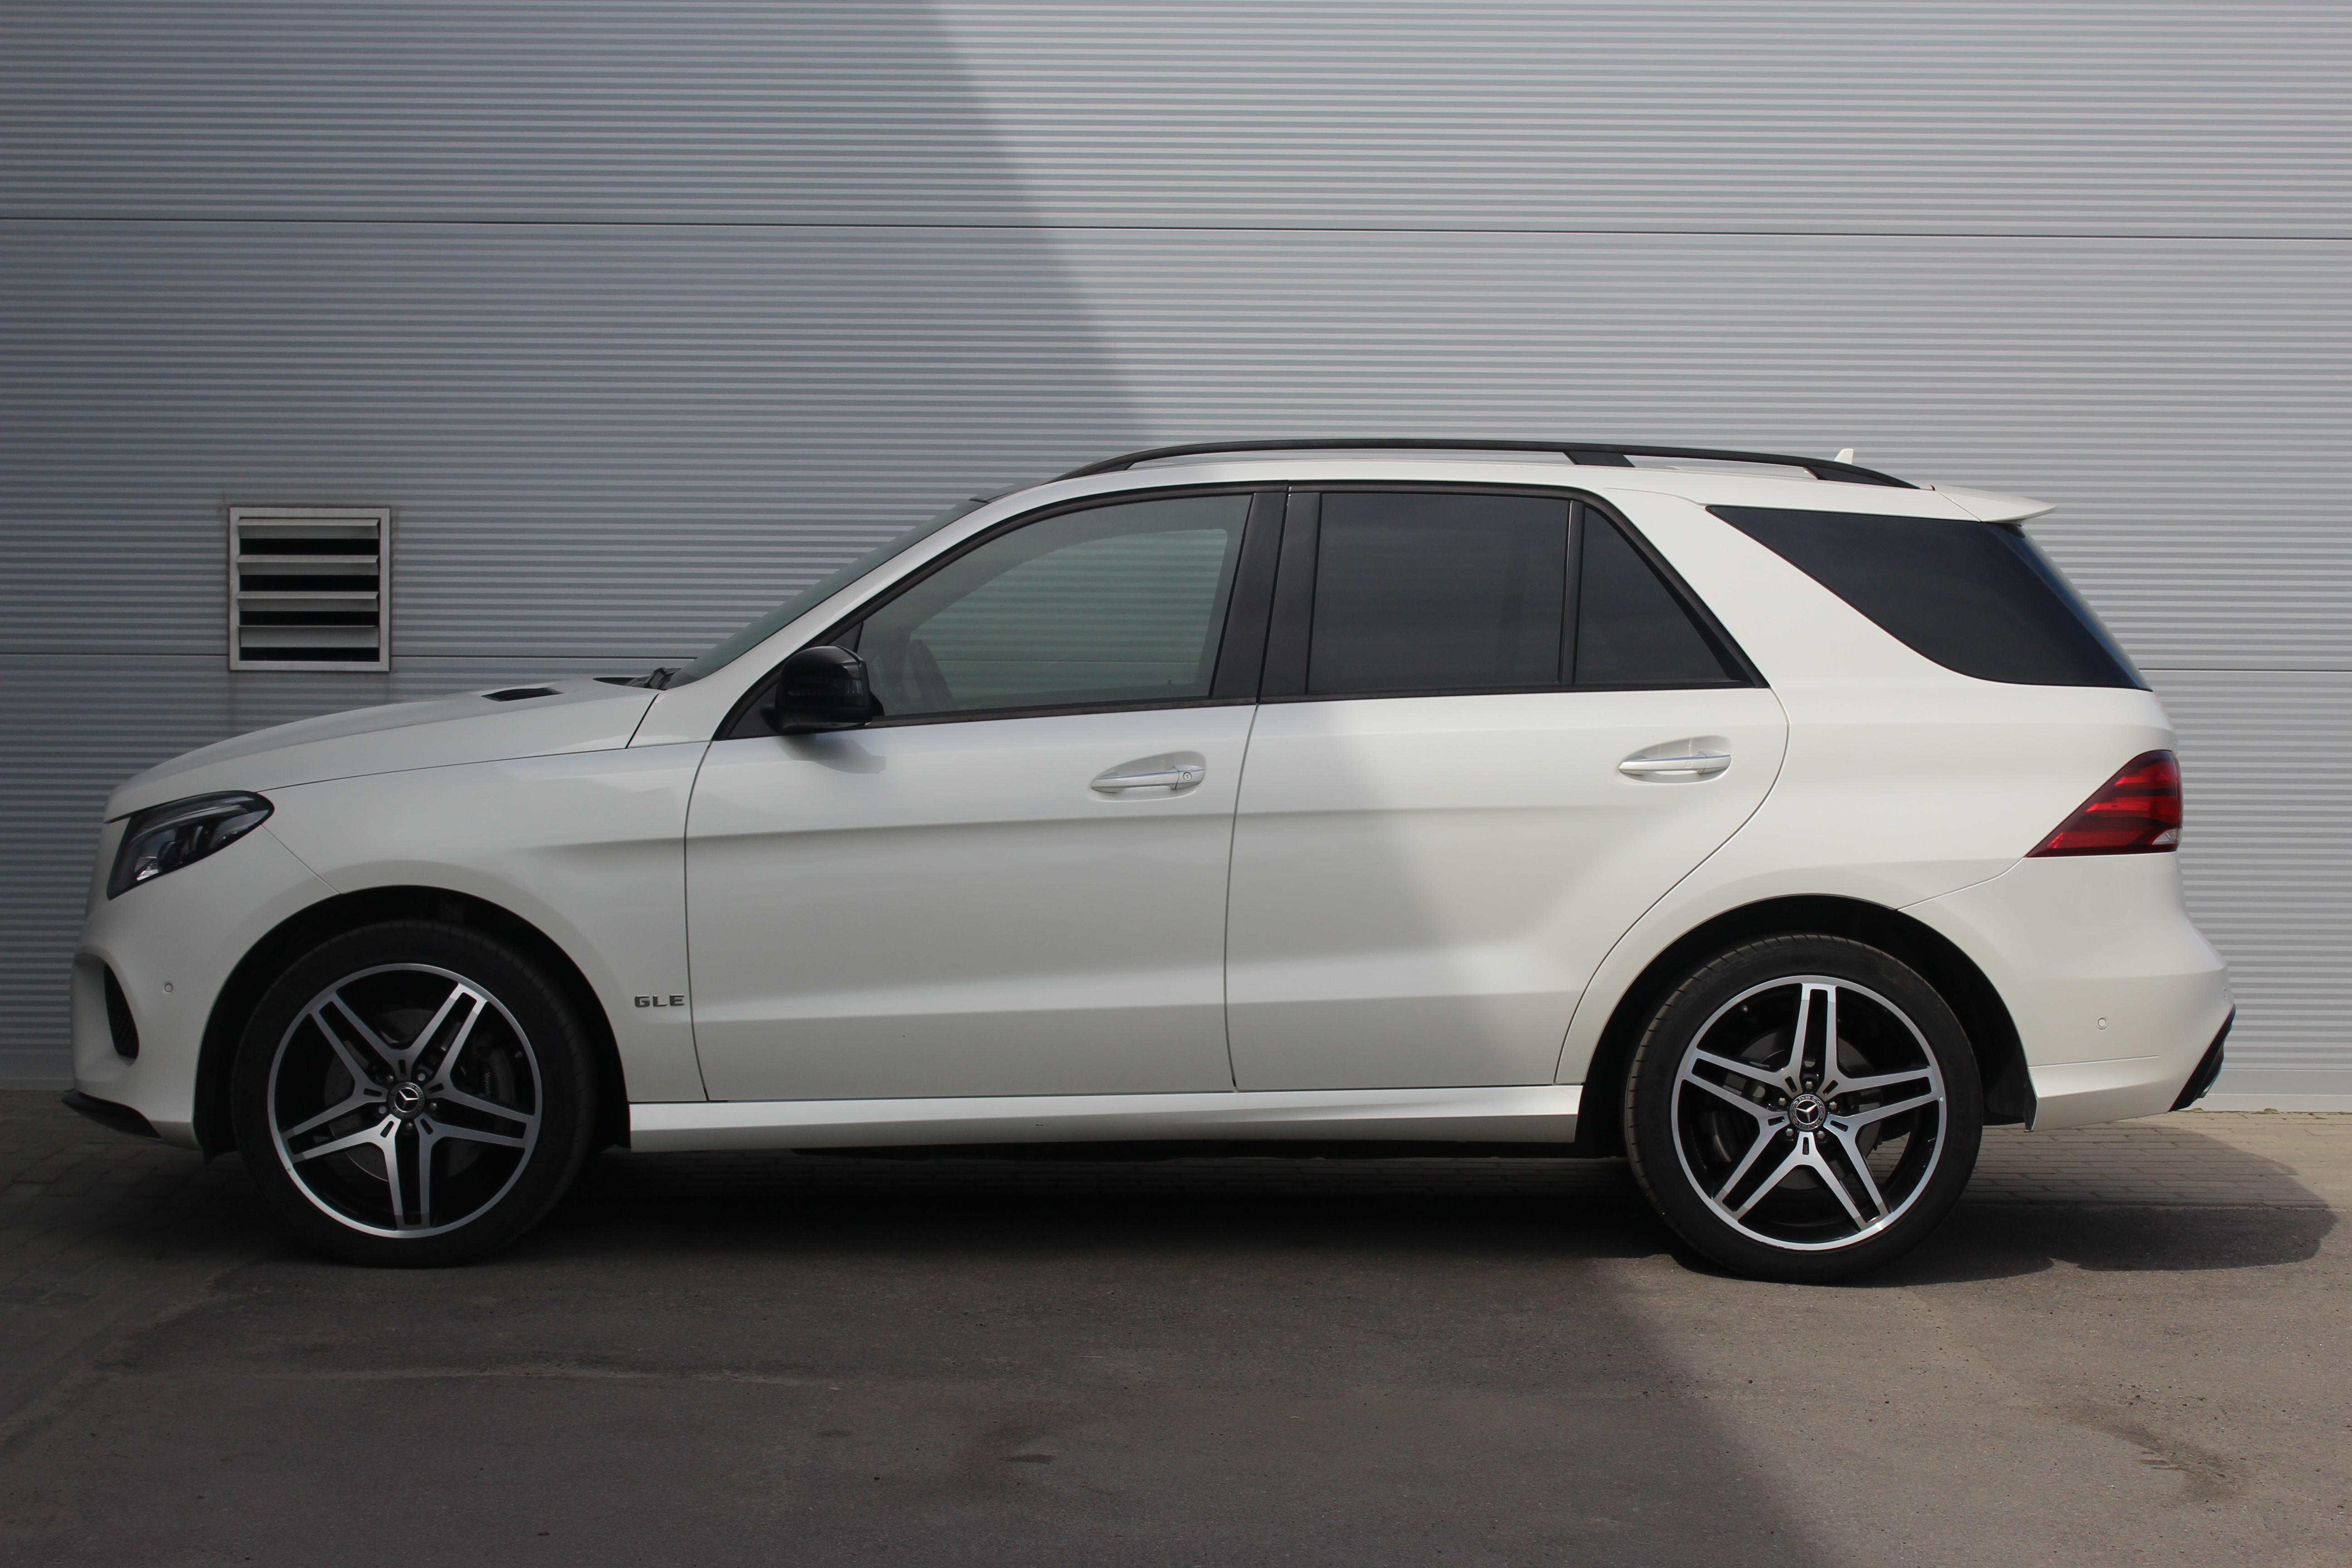 Mercedes-Benz GLE-Класс Внедорожник (2017г.)